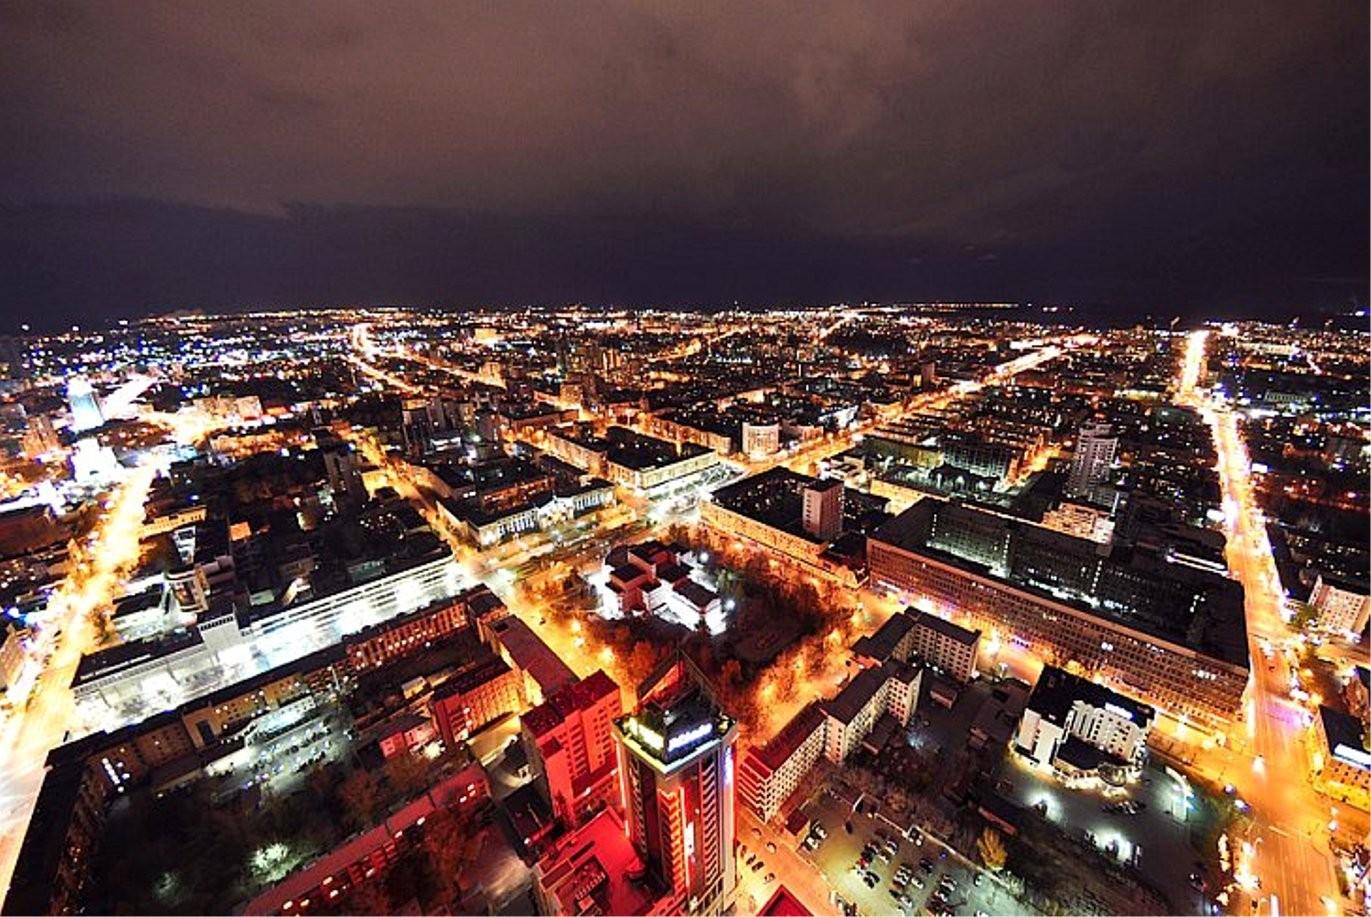 Гнойный извинился перед властями Екатеринбурга и«перенес» столицу СПИДа вЧелябинск